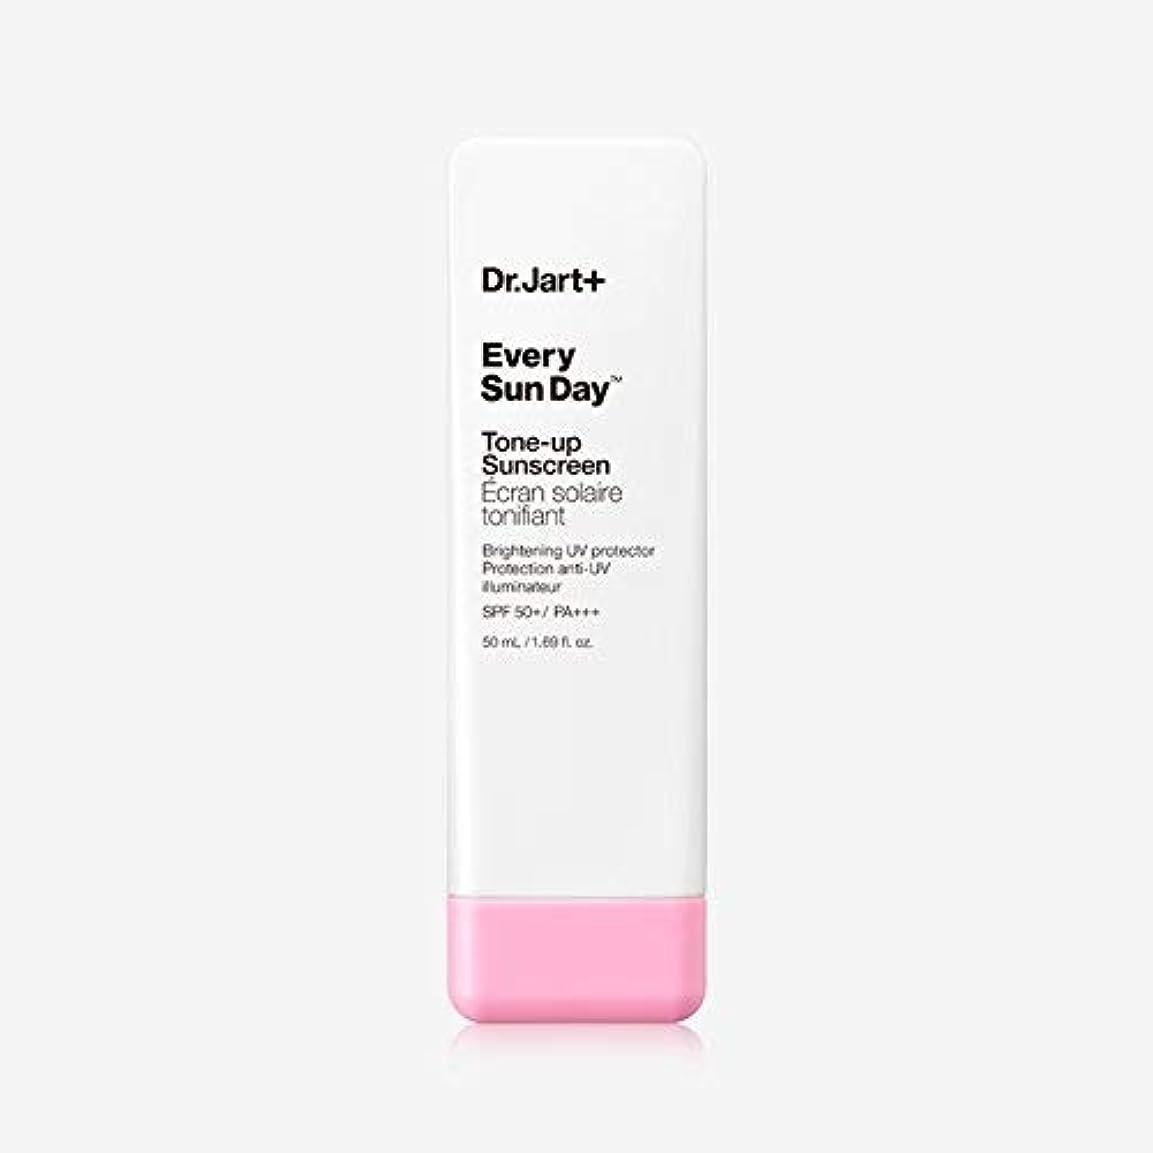 滅多障害サーカスDr.Jart+ Every Sun Day Tone-up Sunscreen SPF50+ PA+++ 50ml / ドクタージャルトゥエヴリサンデートーンアップサンスクリーンSPF50+PA+++50ml [並行輸入品]